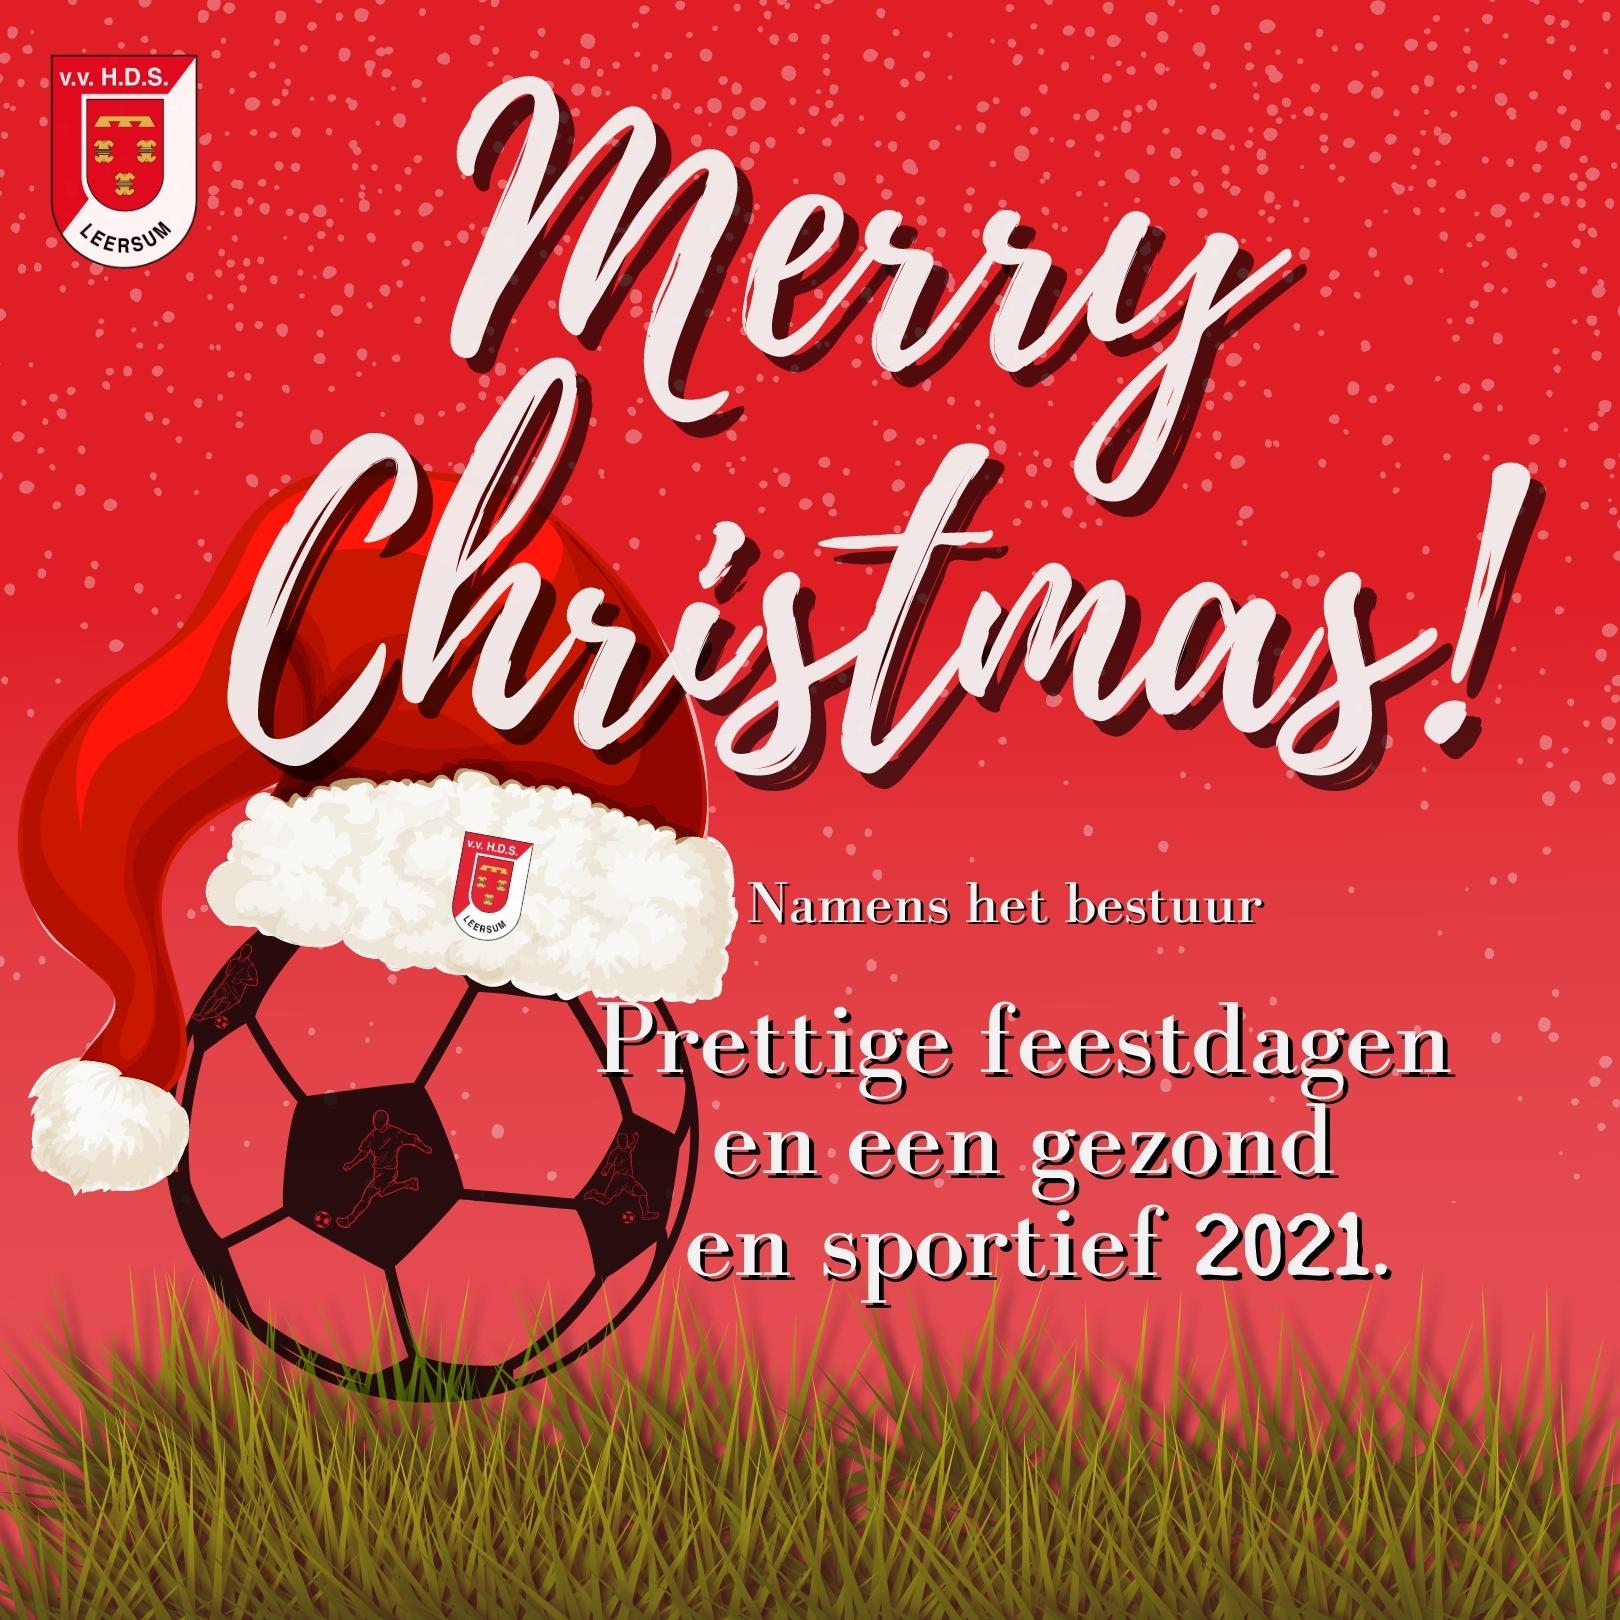 Gezellige feestdagen en een gezond en sportief 2021!